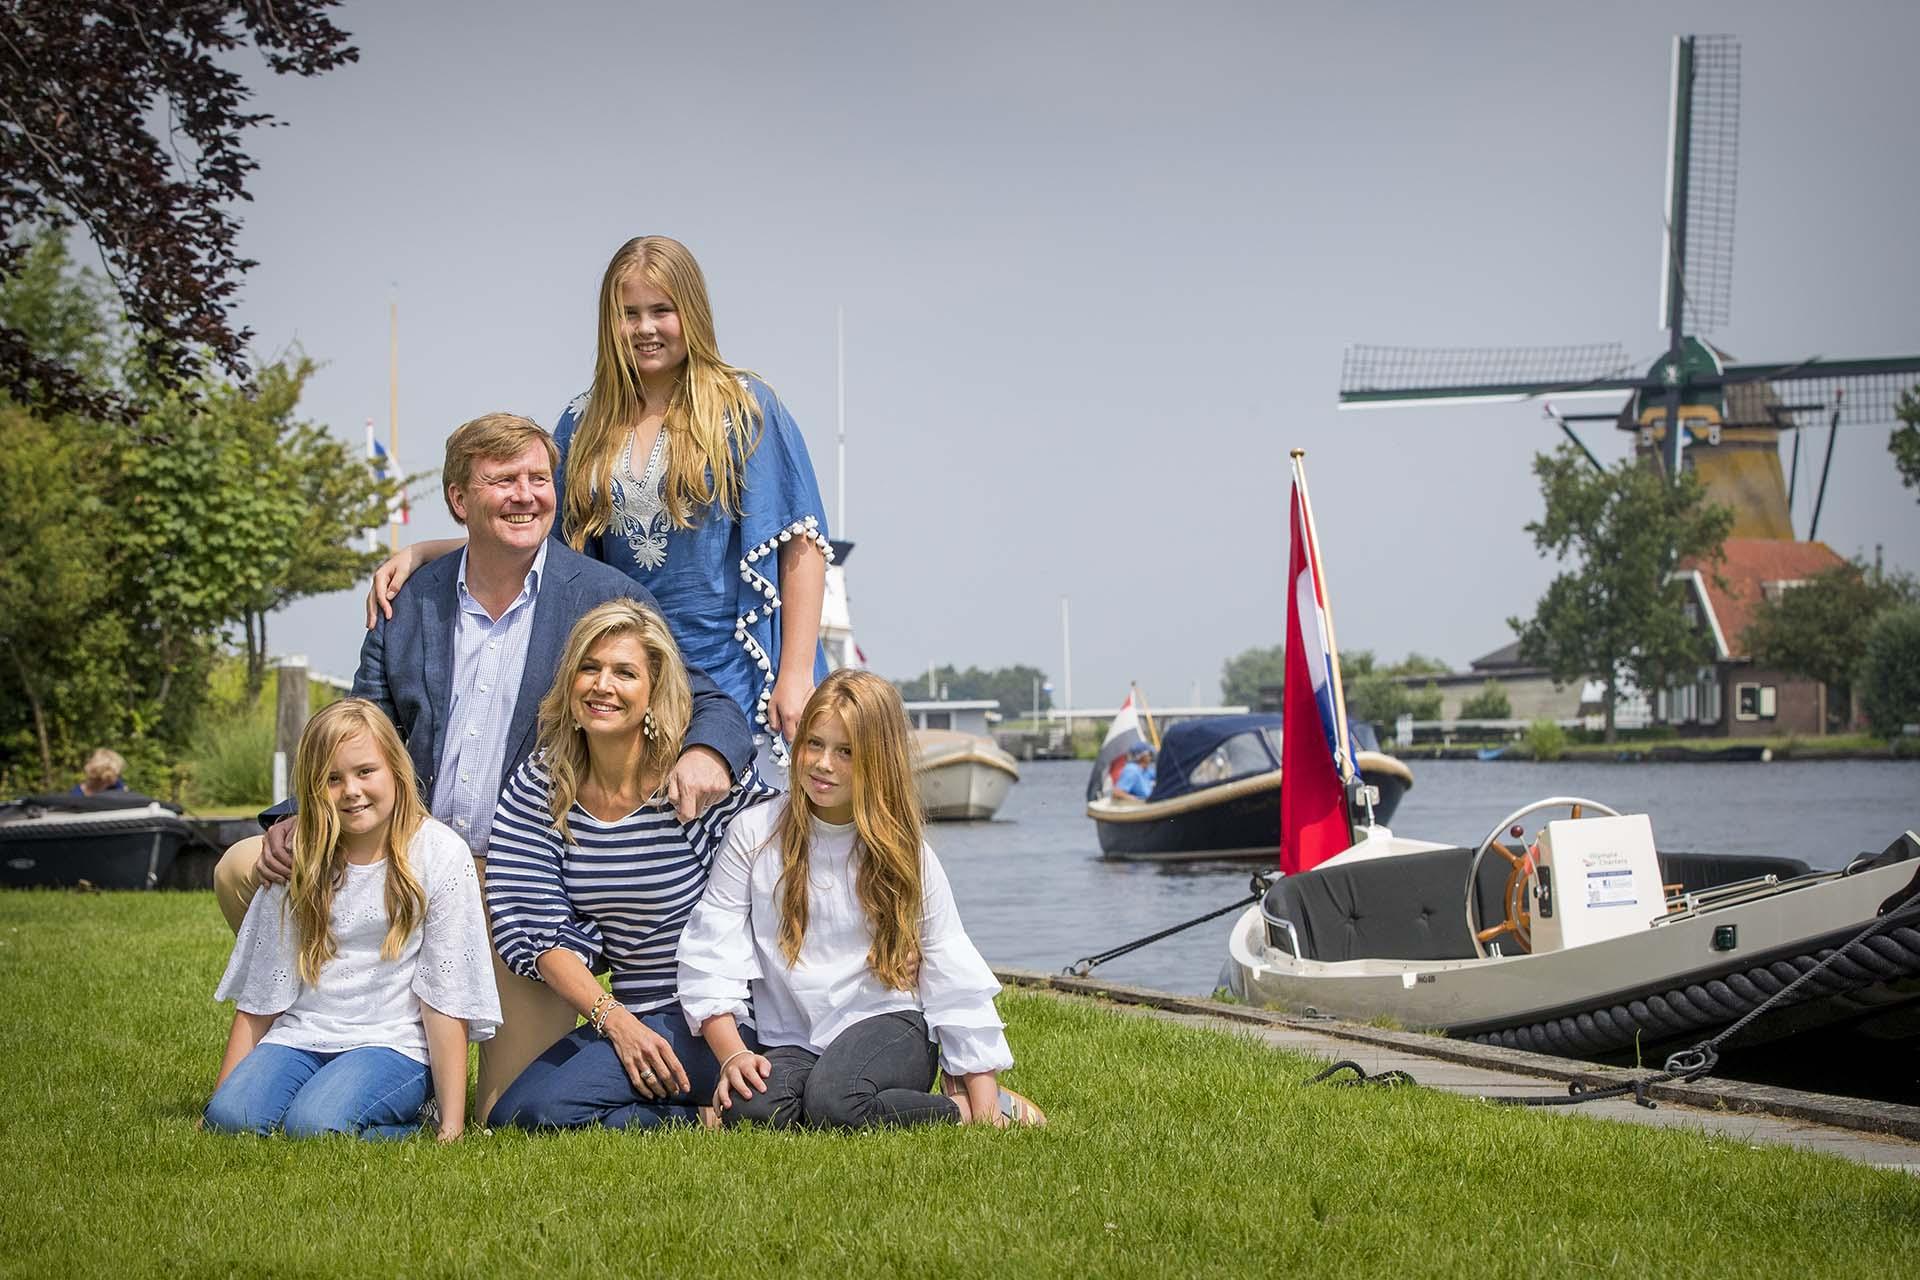 Los monarcas holandeses son uno de los matrimonios más queridos de la realeza europea, y junto a sus tres hijas, conforman una familia que se destaca por su gran carisma y su estrecha relación con la gente /// Fotos: Getty Images